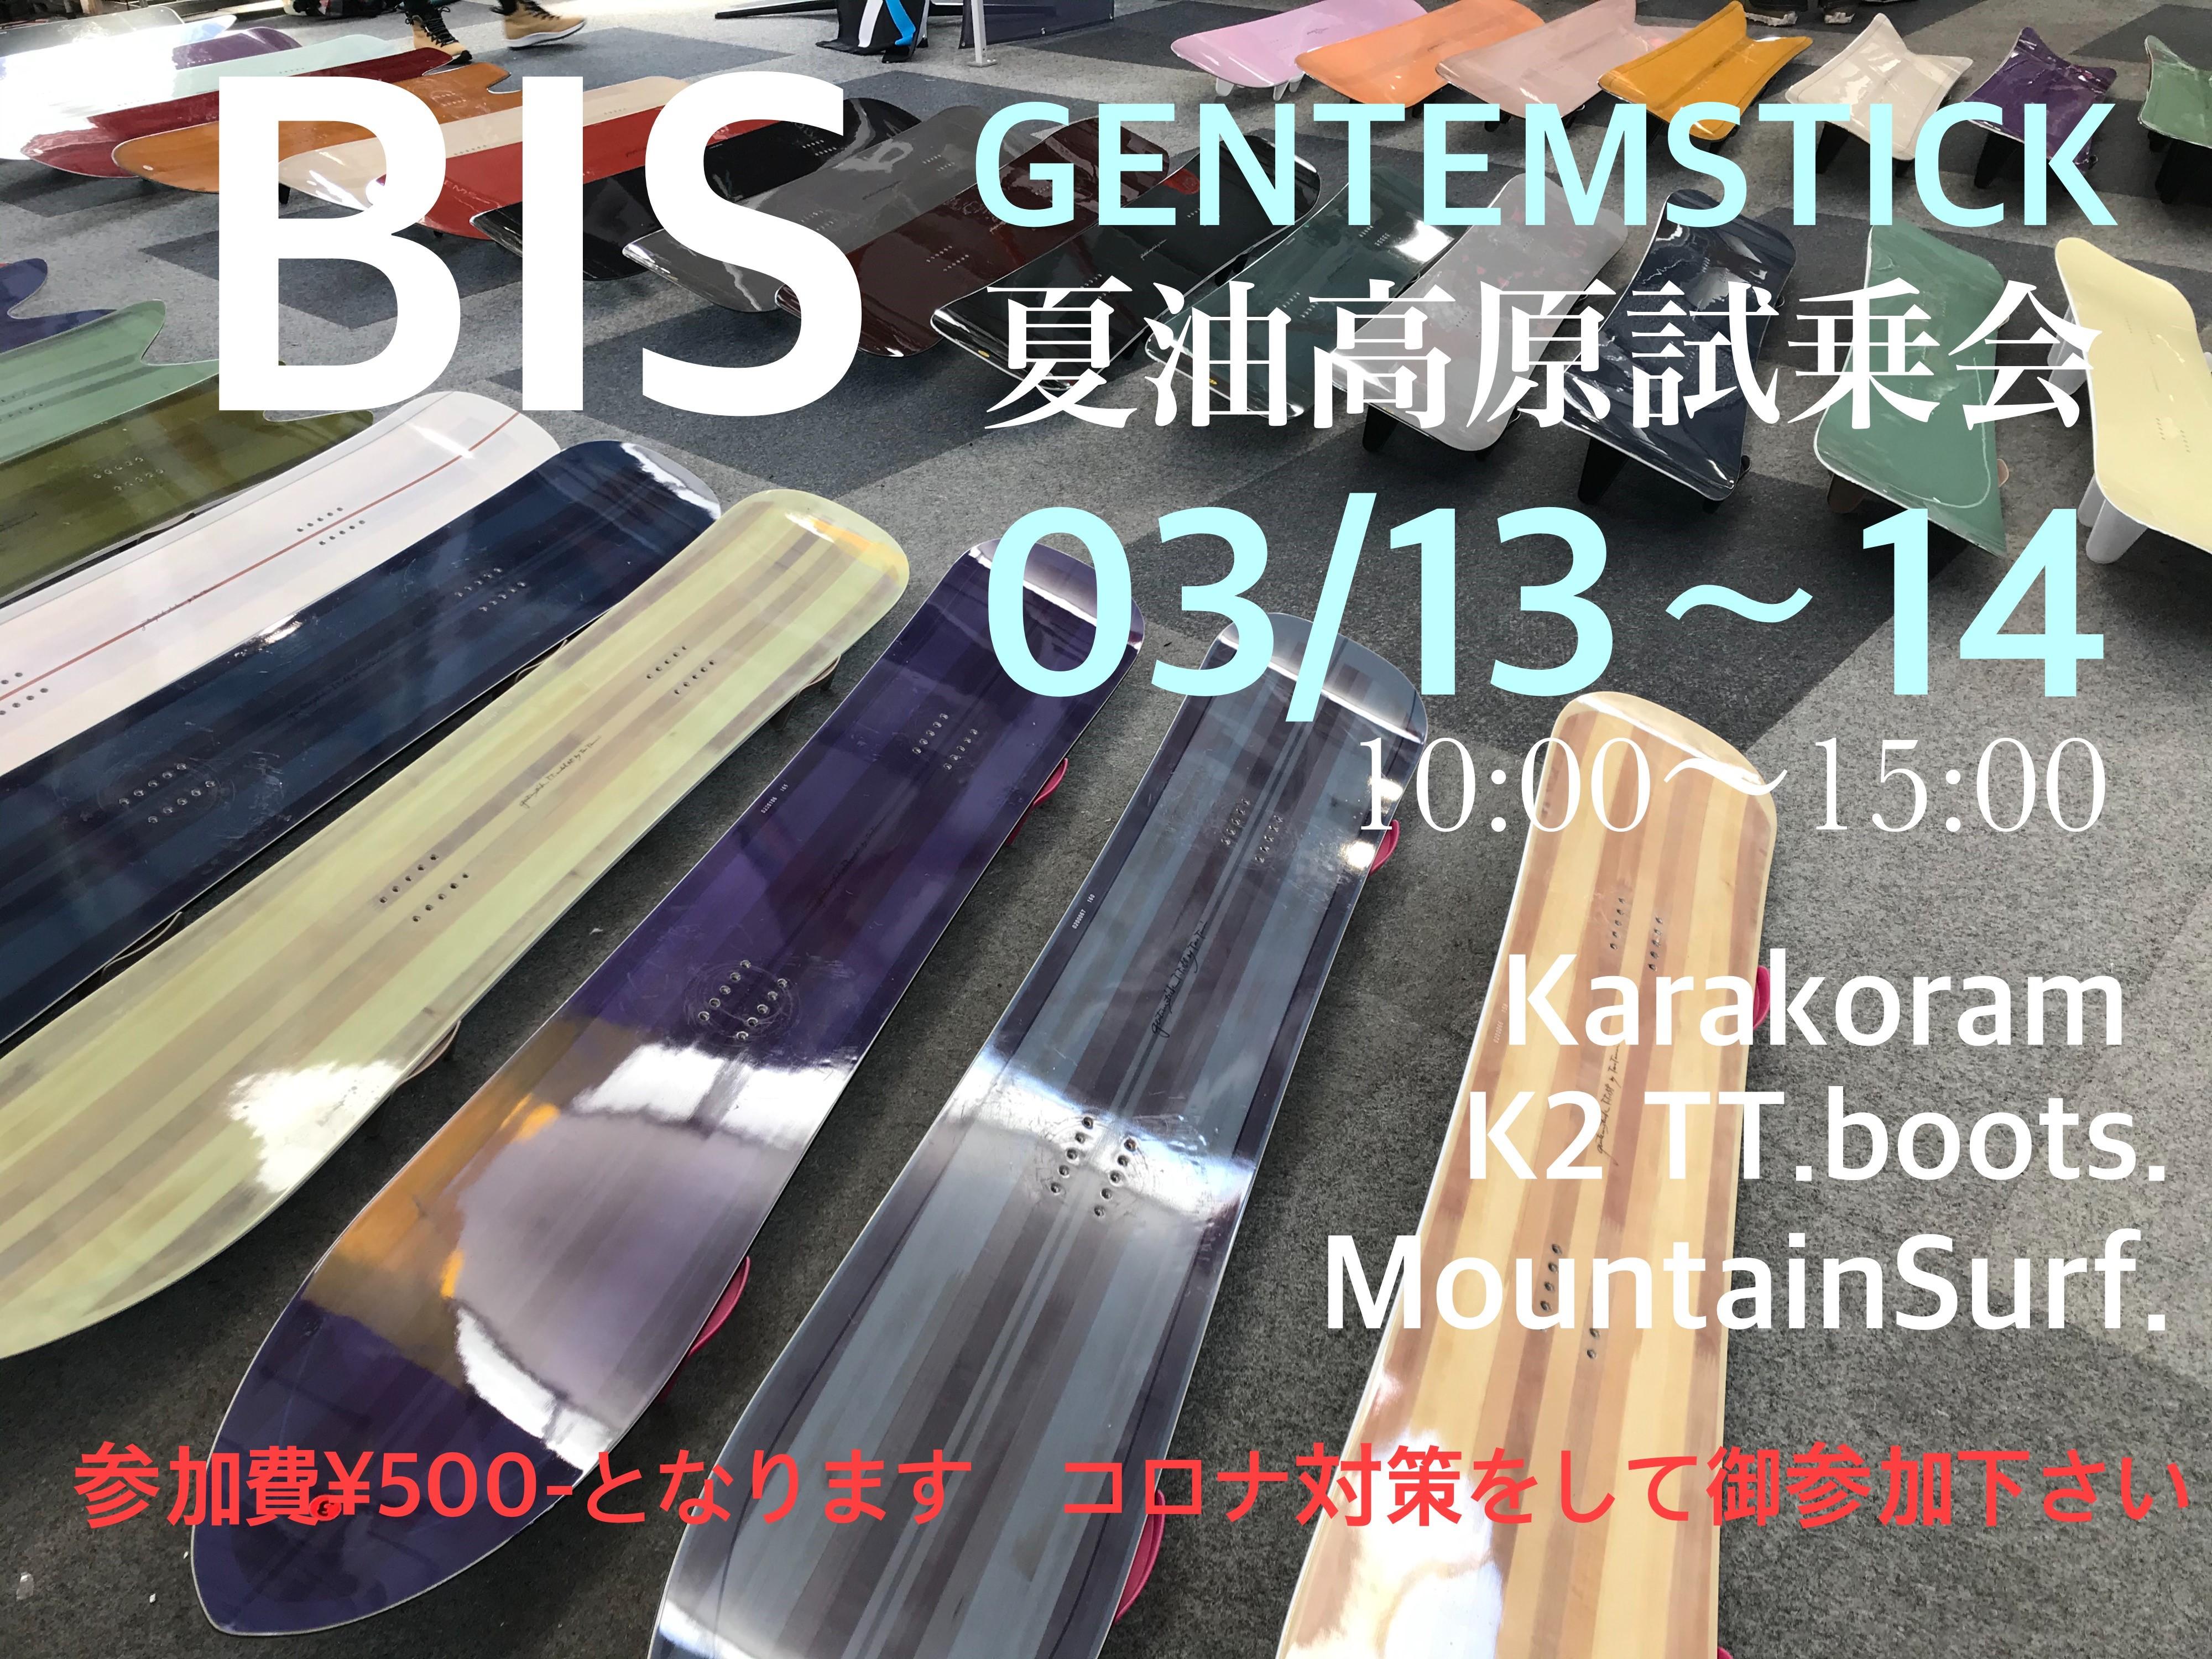 BIS/GENTEMSTICK2021-22夏油試乗会